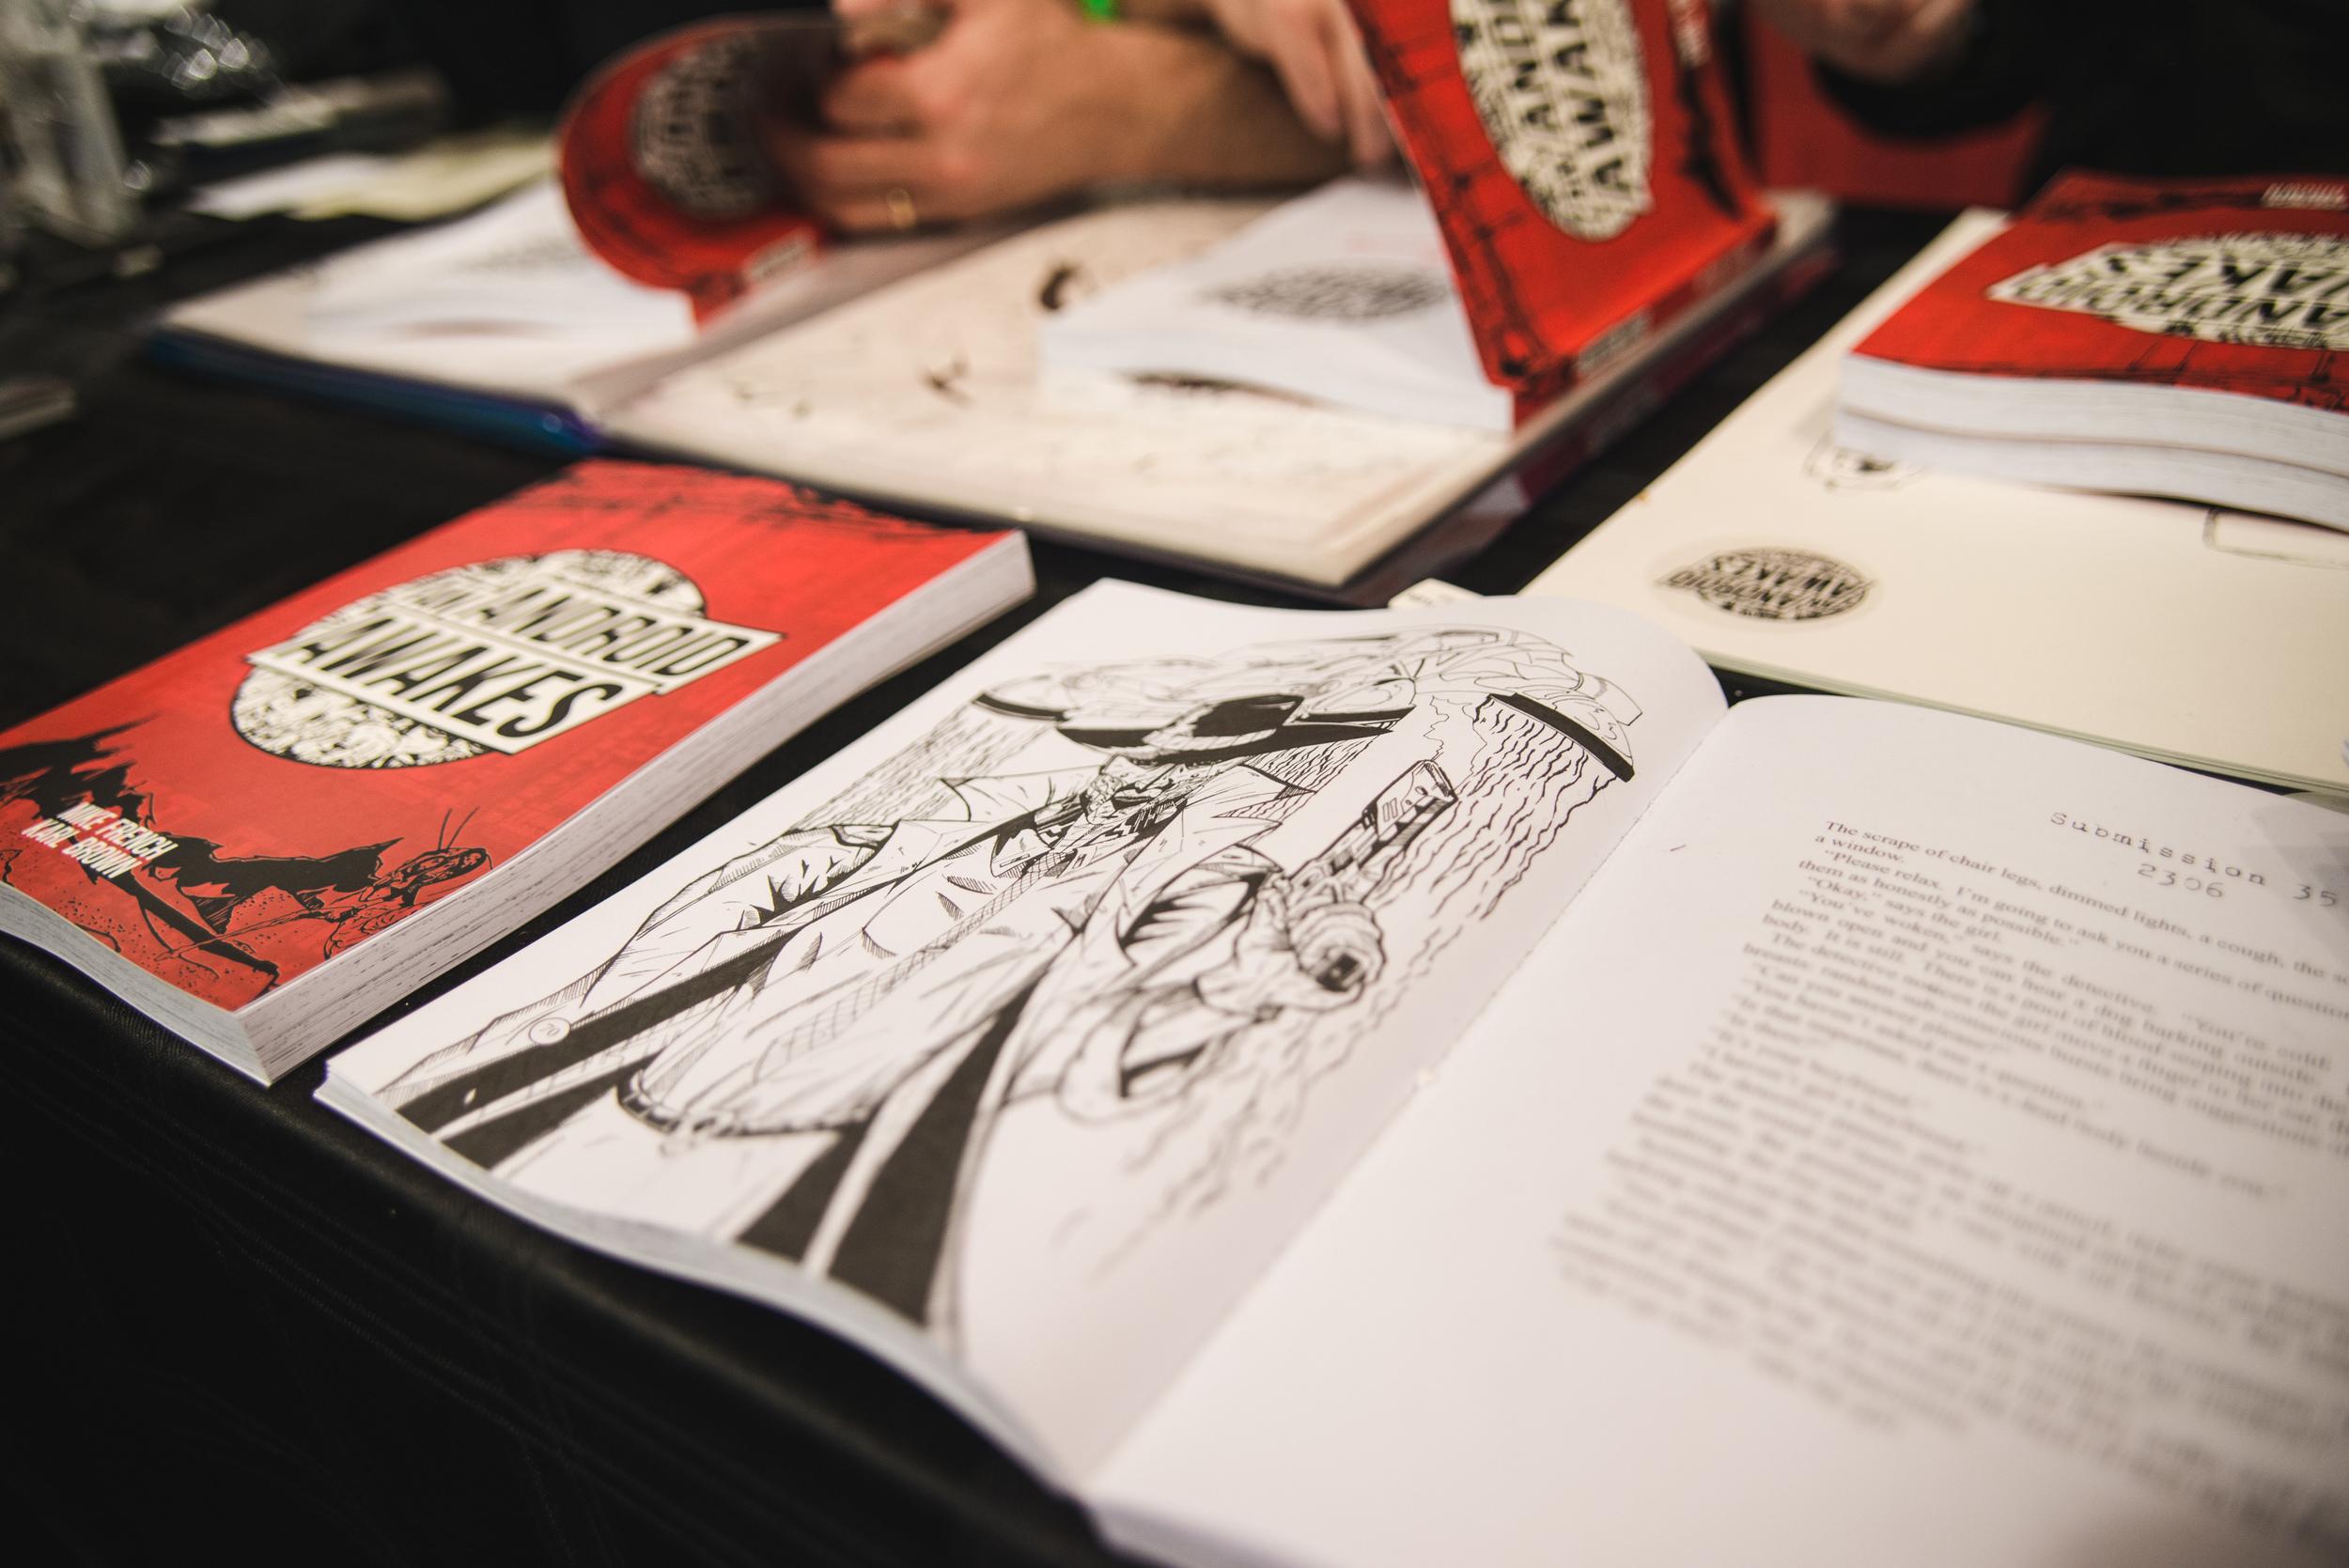 aaa-comic-con-launch-60.jpg